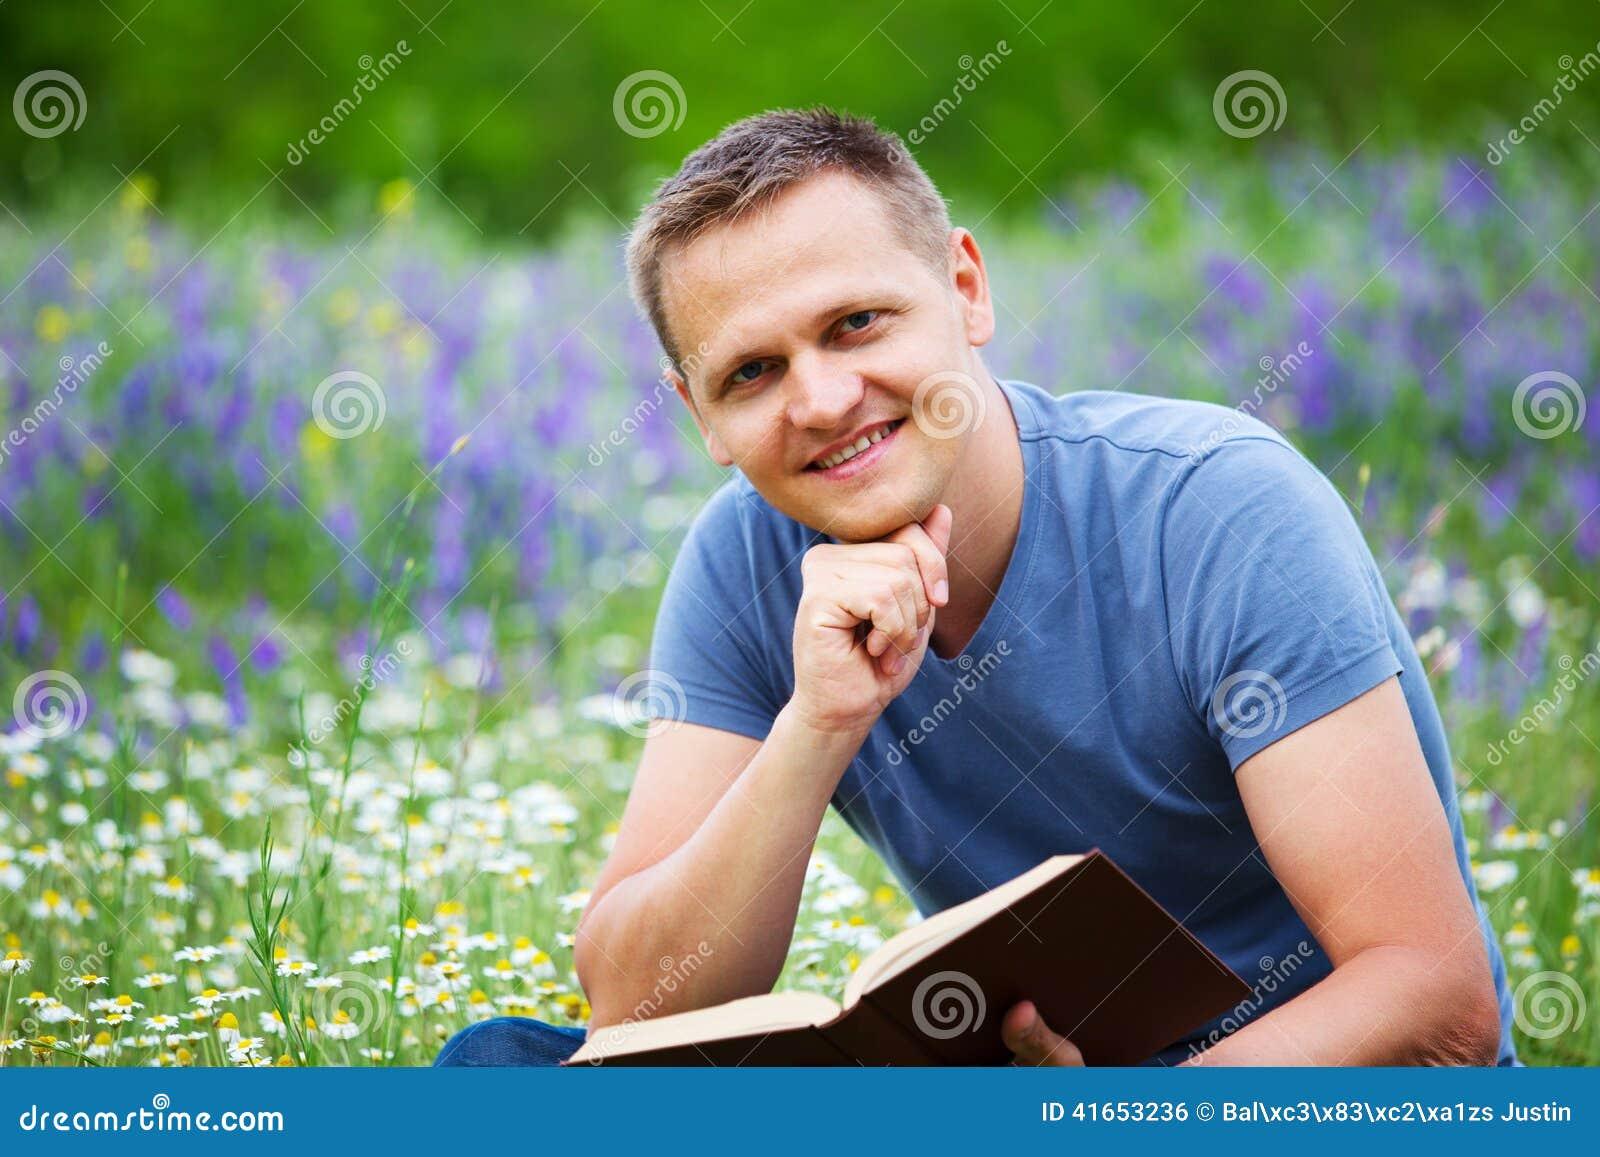 Человек читает книгу в поле